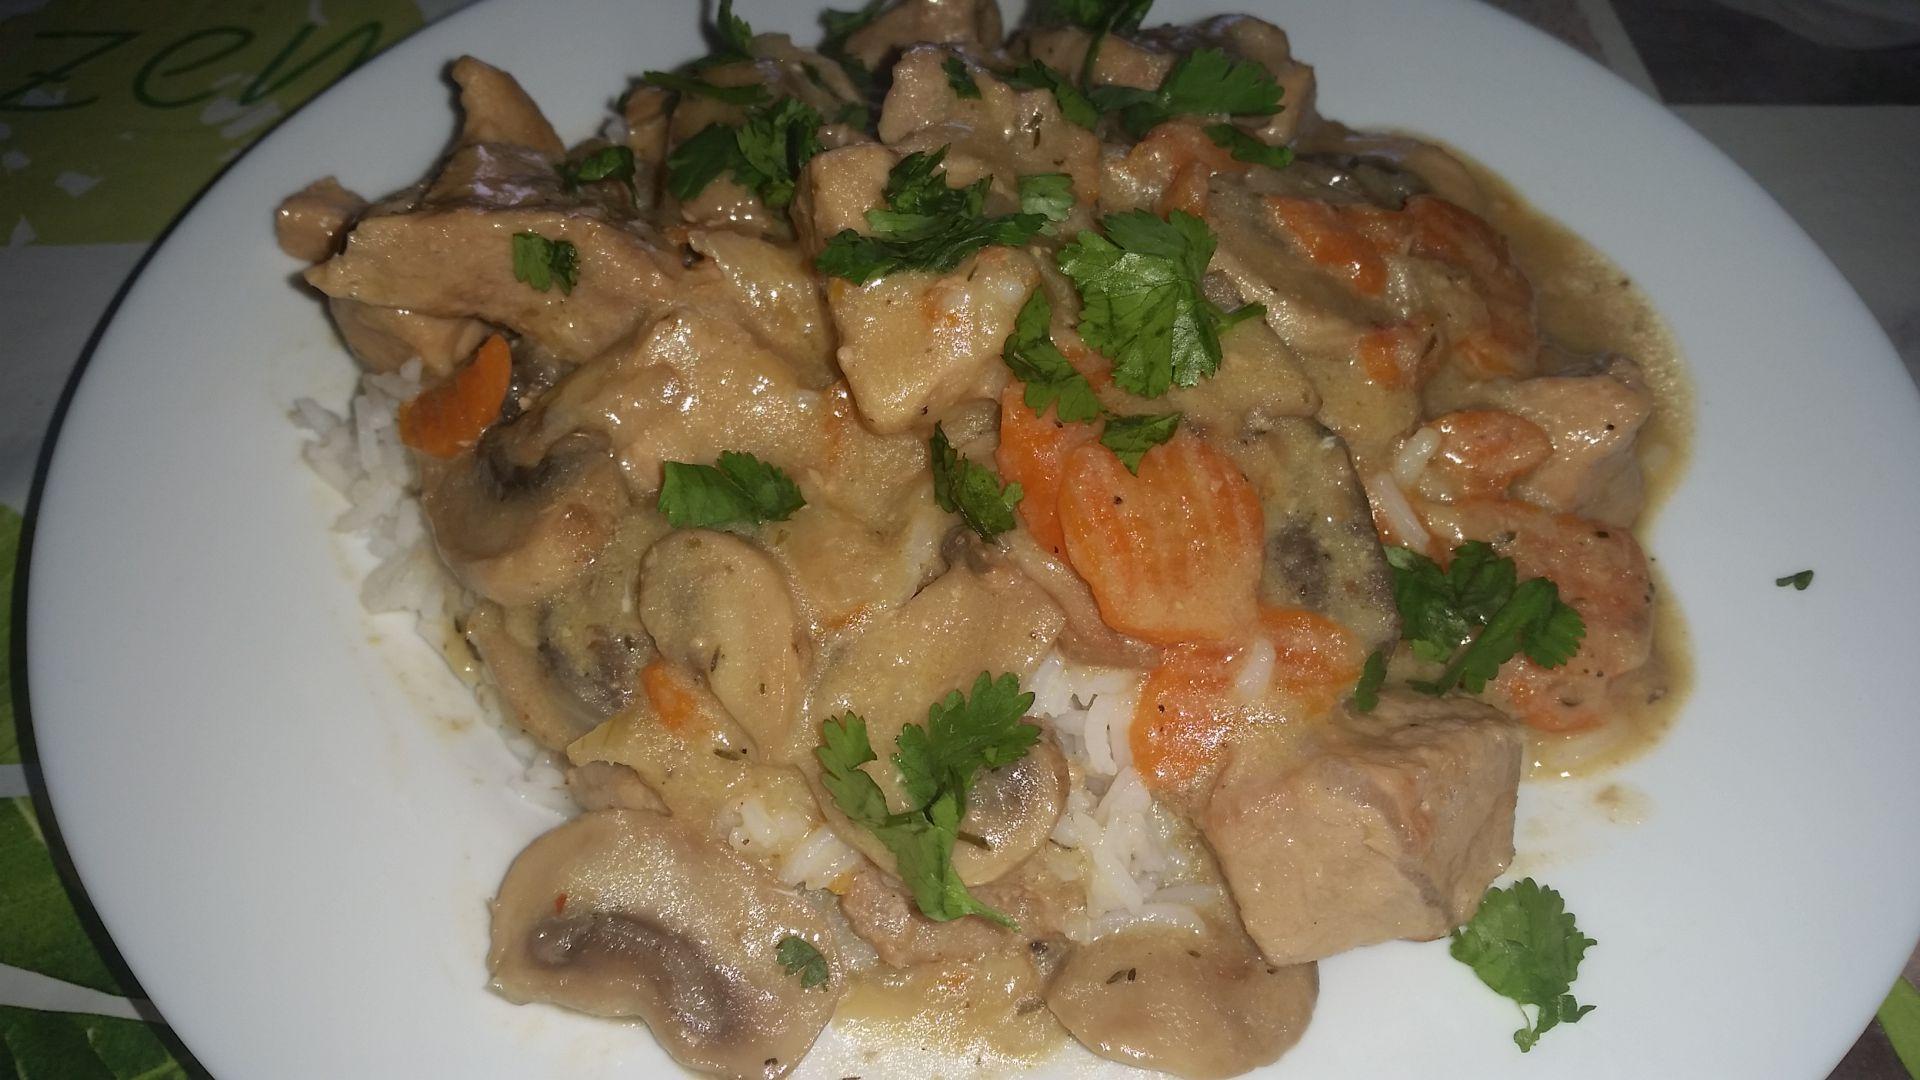 Recette blanquette de veau sur mimi blog de cuisine de mimi - Cuisine blanquette de veau ...